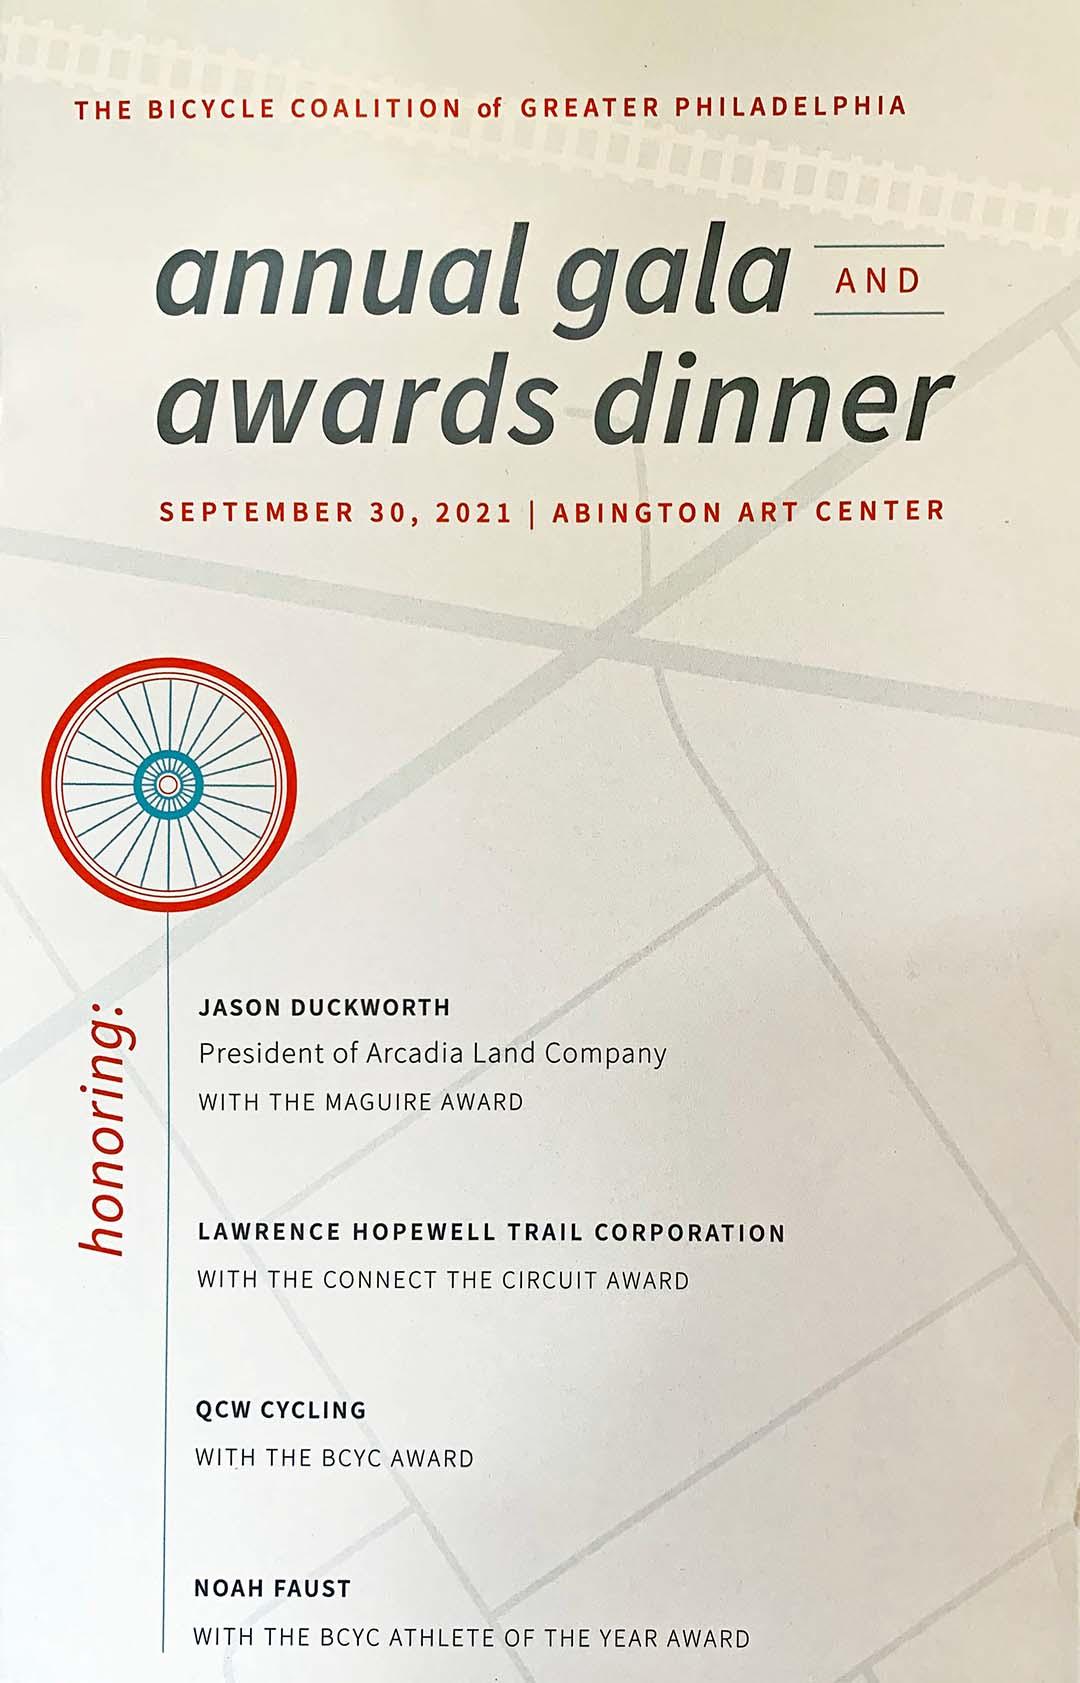 LHT Bicycle Coalition Award